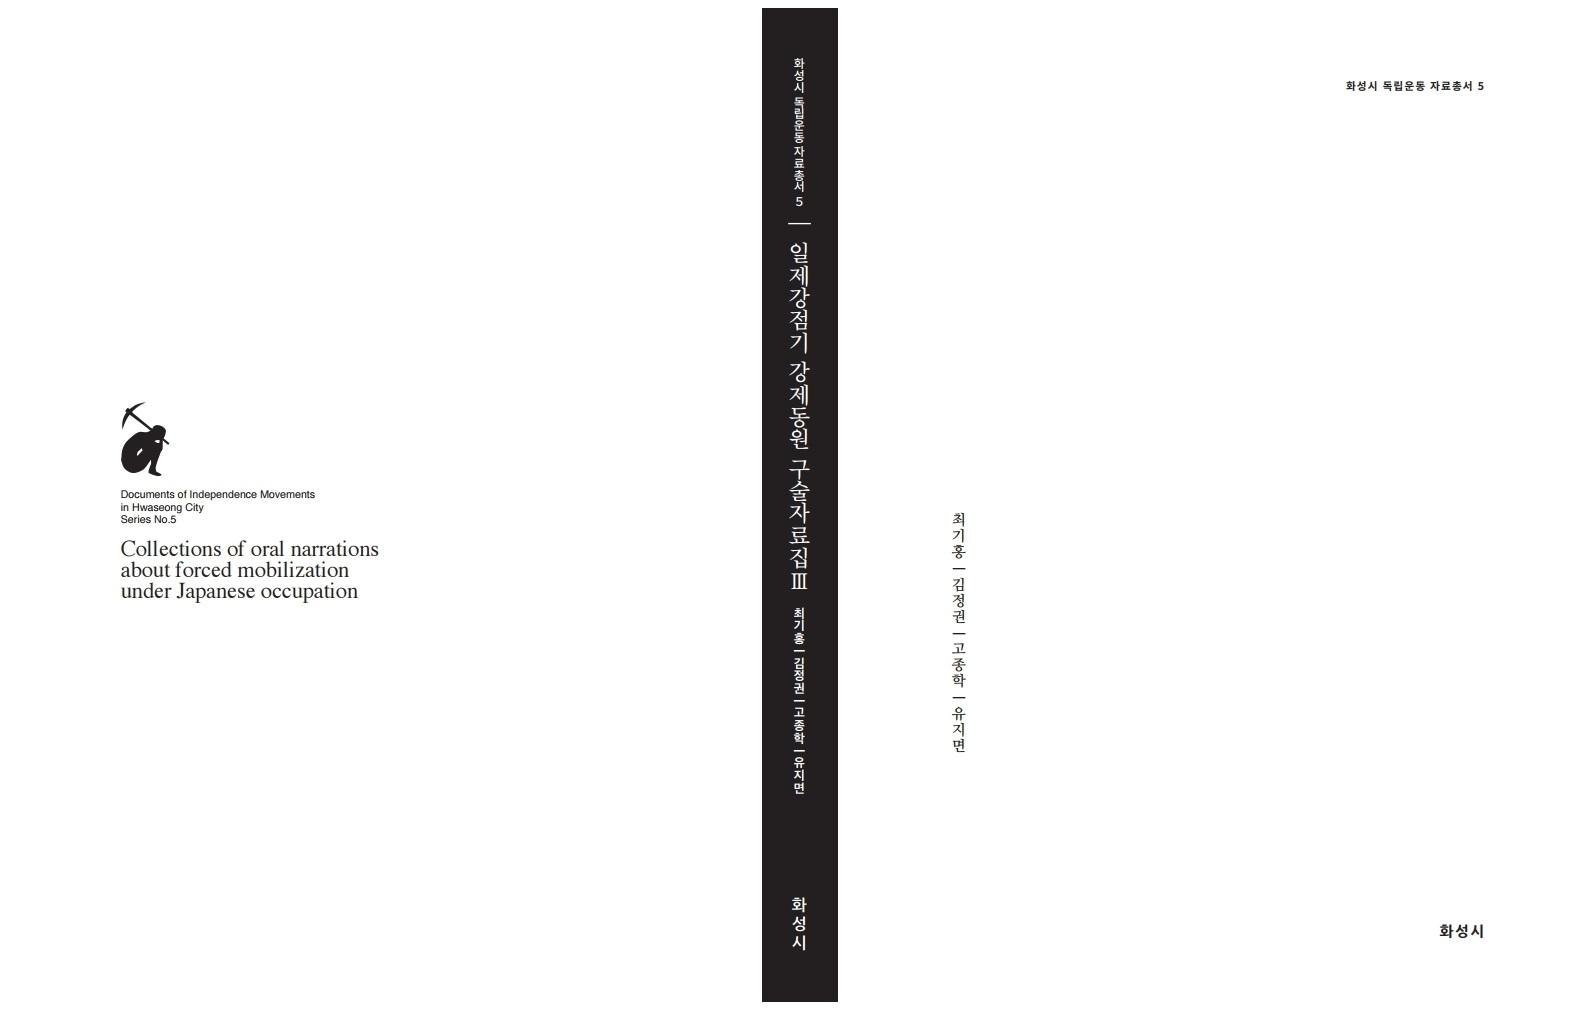 05. 일제강점기 강제동원 구술자료집3-최기홍, 김정권, 고종학, 유지면